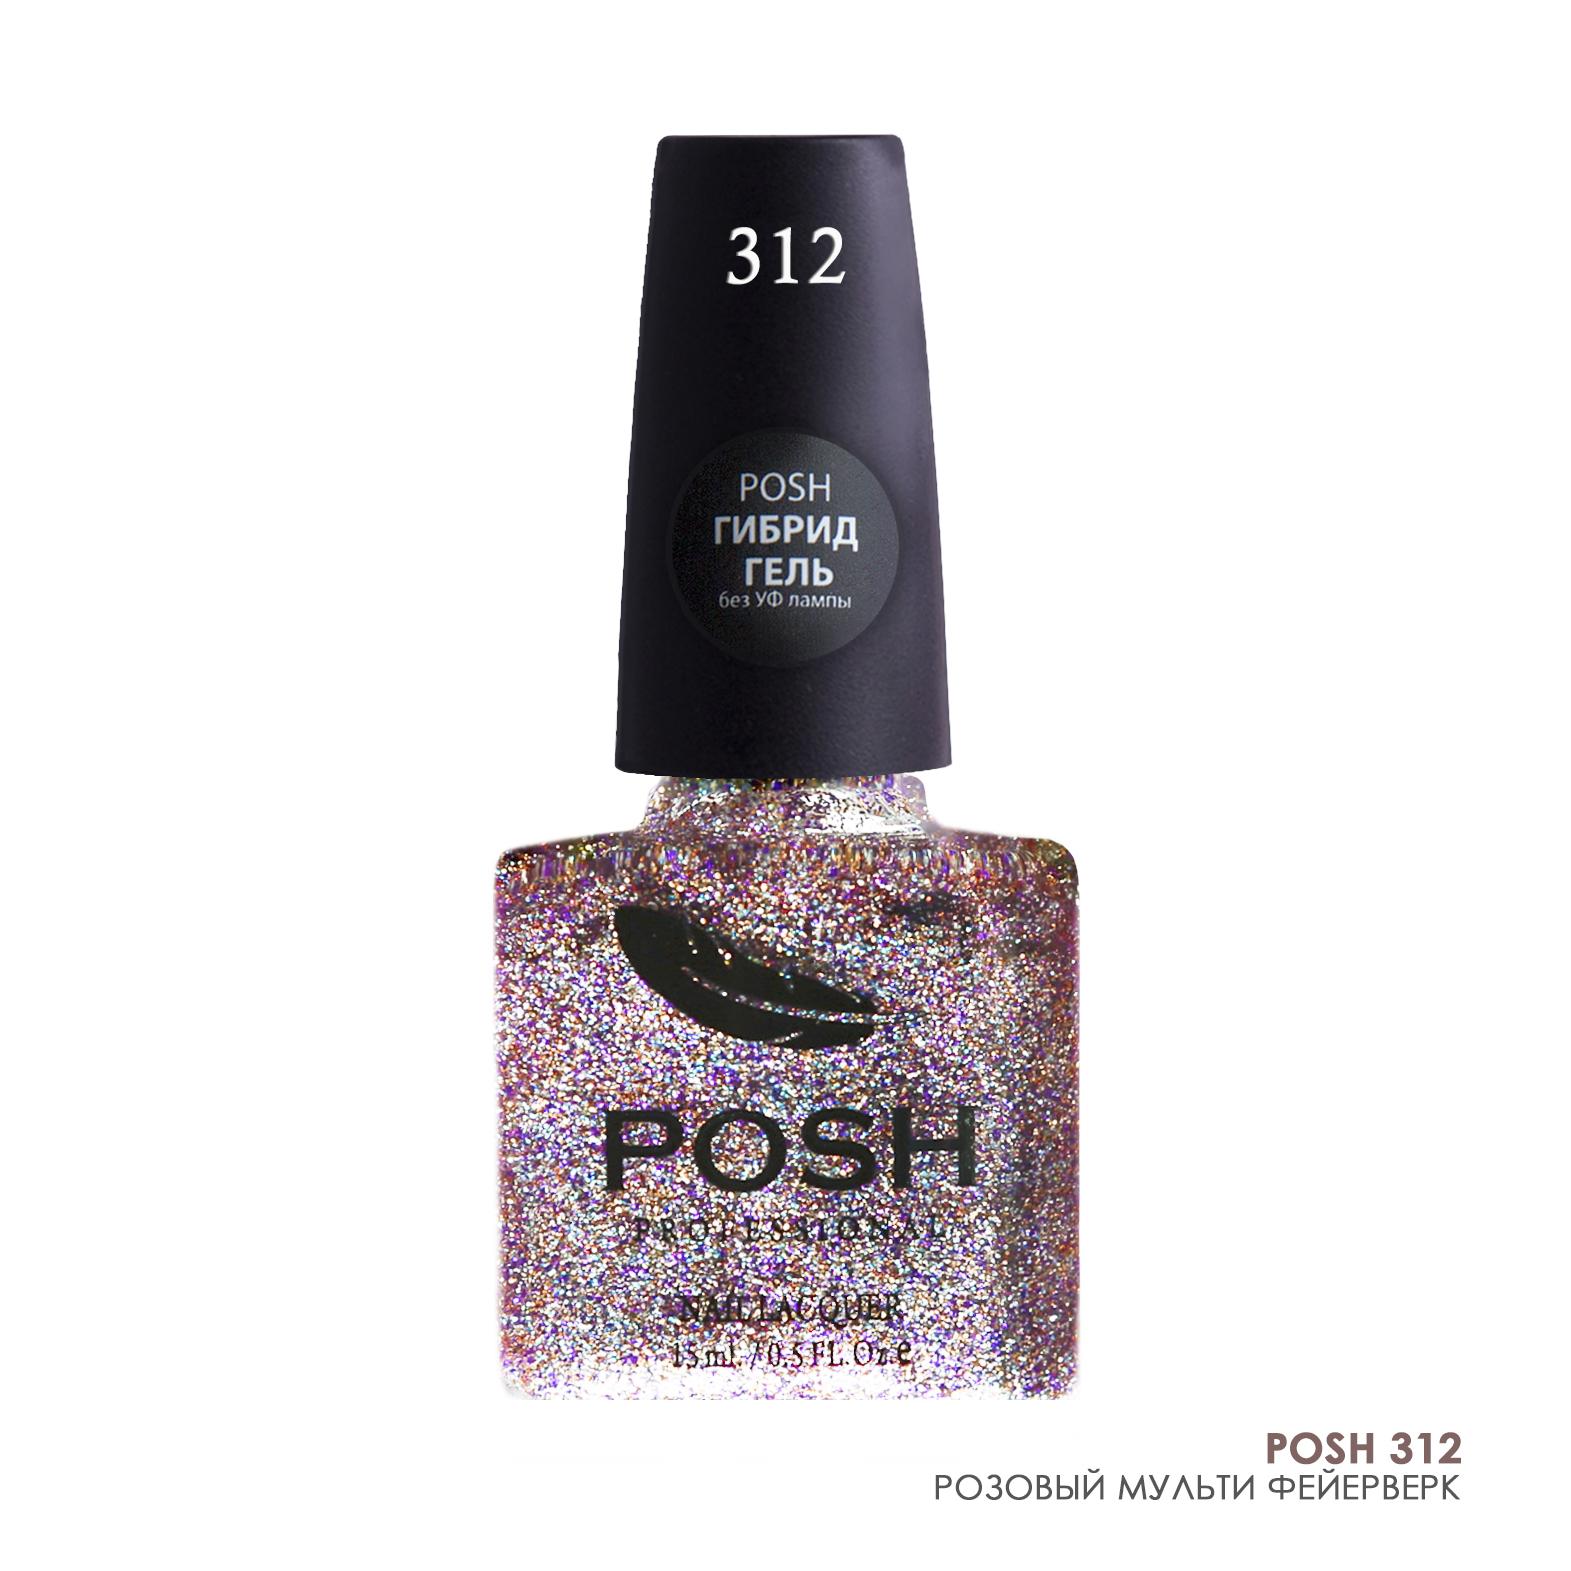 POSH 312 лак для ногтей с блестками Розовый мульти фейерверк 15мл